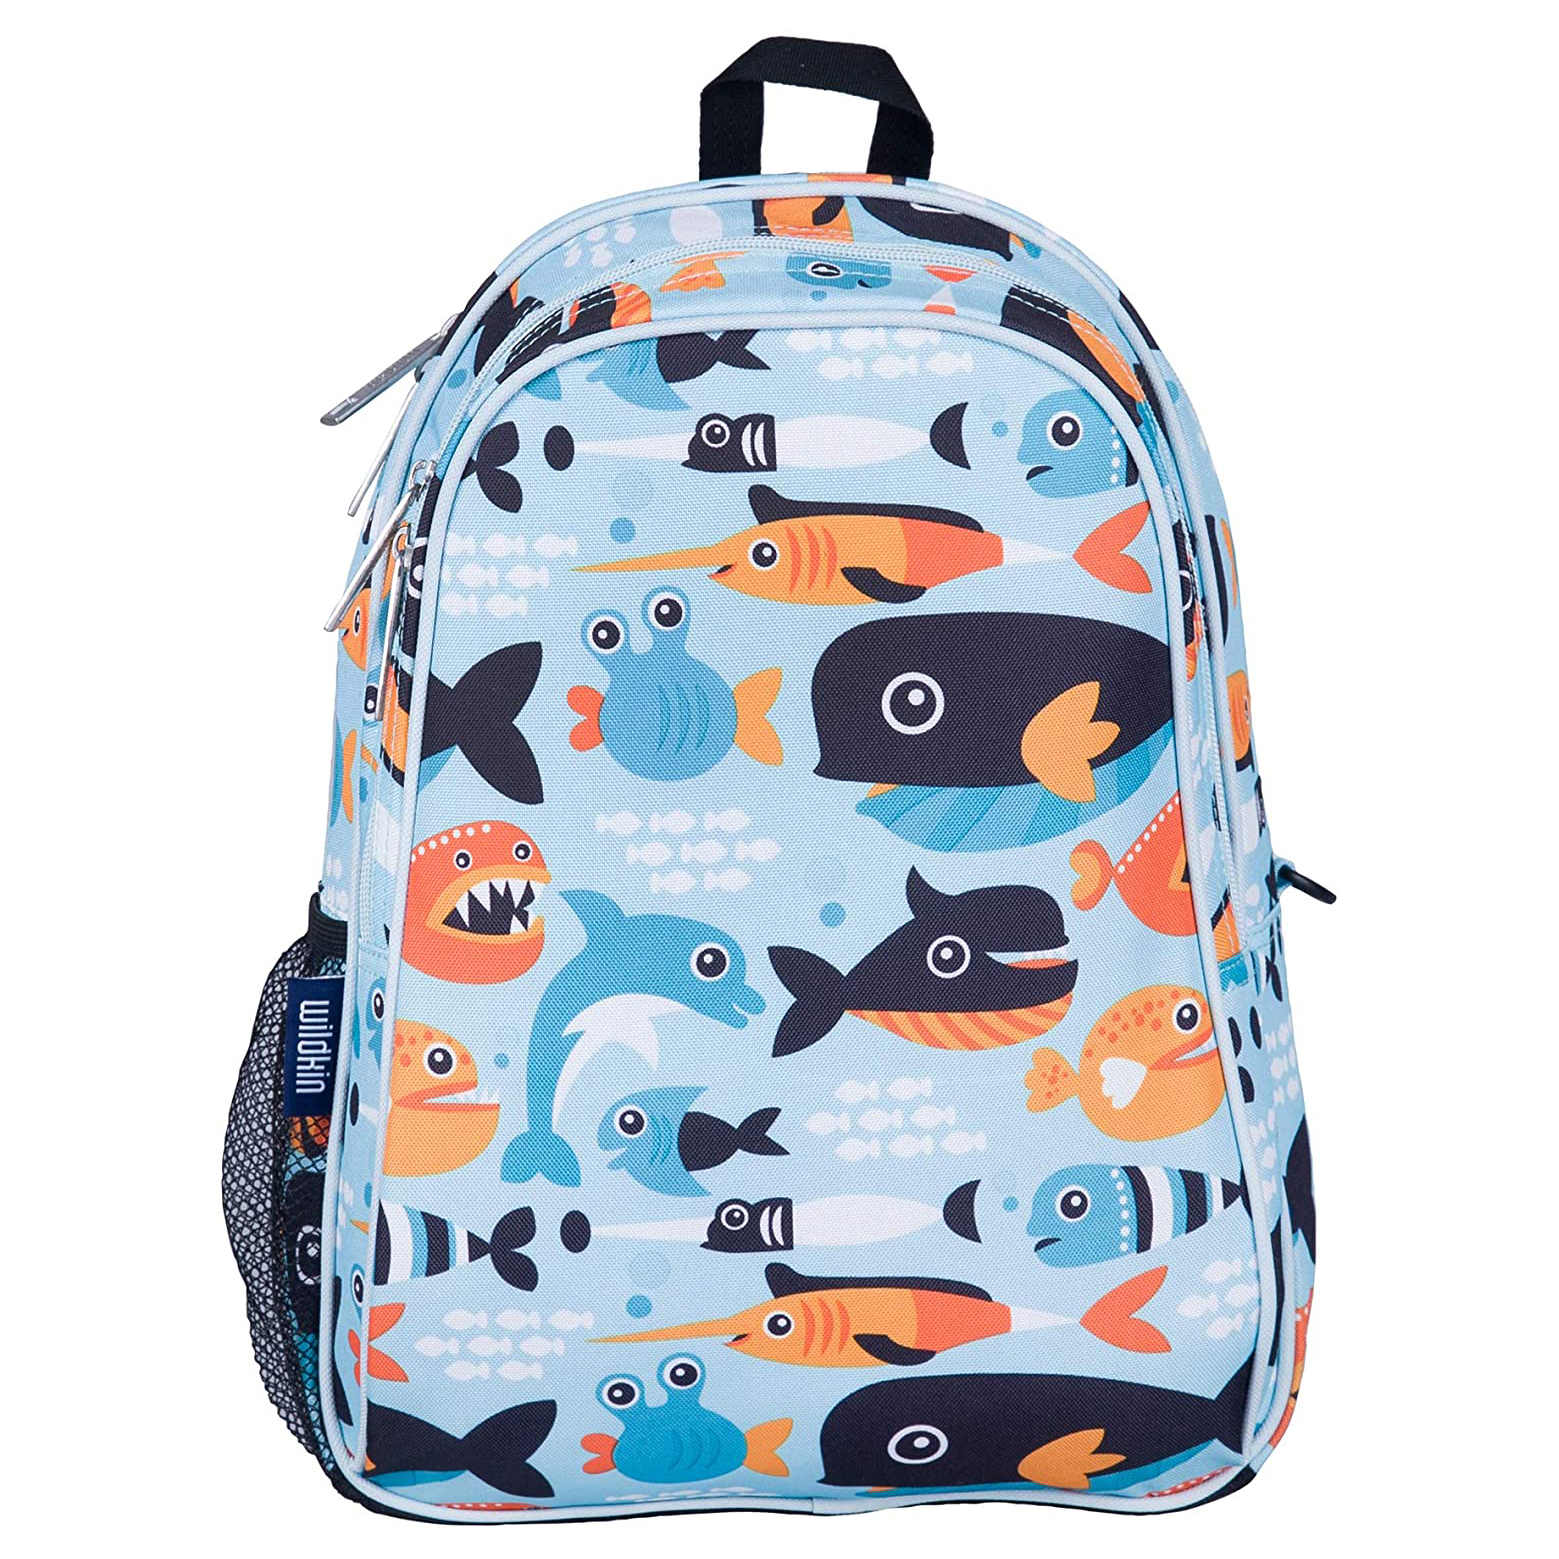 Preschool Cute cartoon kids backpack school bag